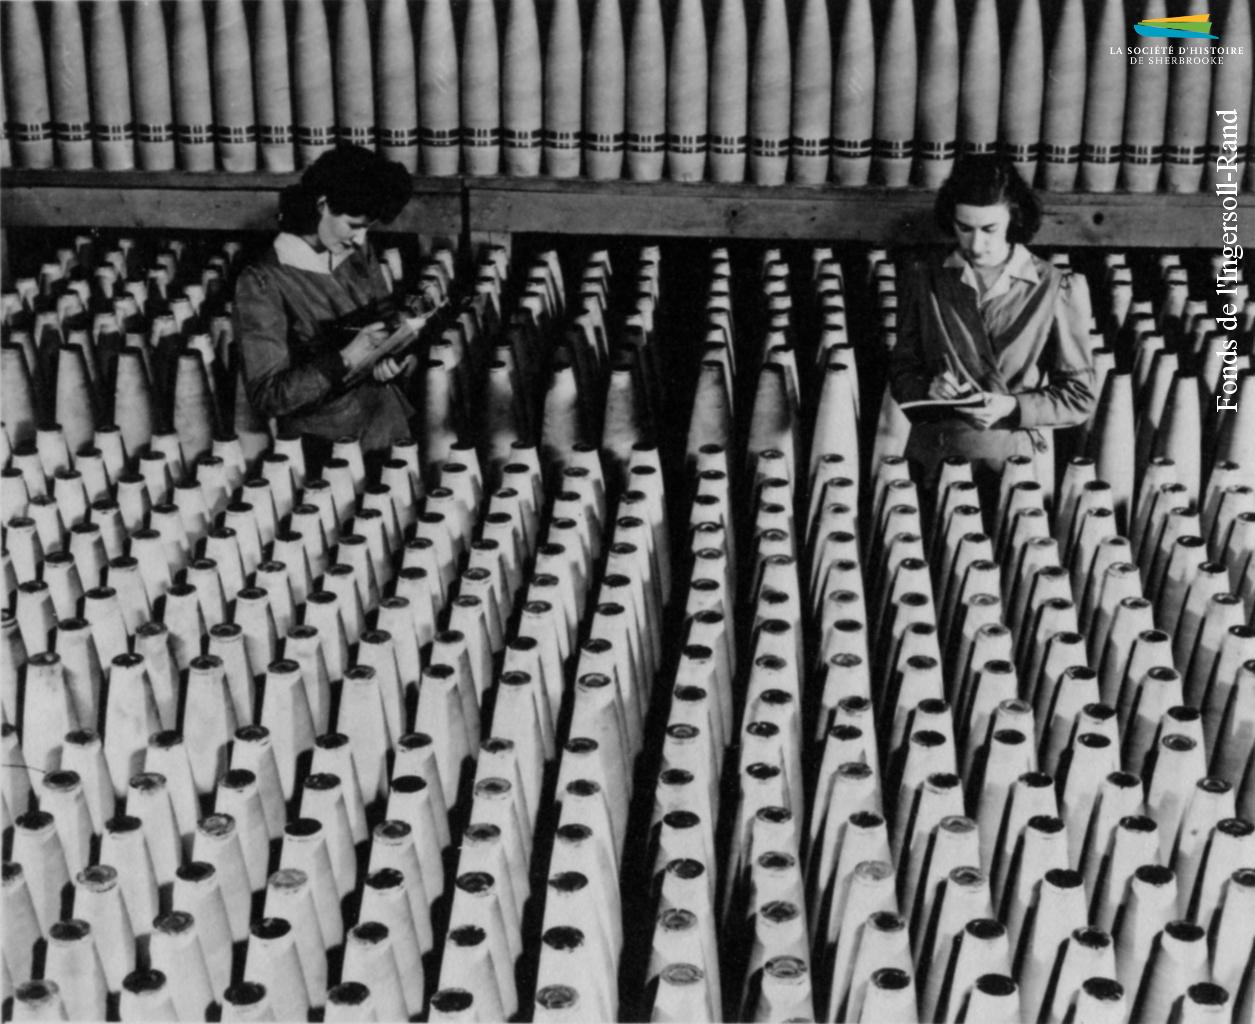 Deux ouvrières de l'Ingersoll-Rand circulent au milieu d'obus, entre 1939 et 1945. L'usine de Sherbrooke reçoit plusieurs commandes de munitions pendant la Seconde Guerre mondiale de la part du gouvernement canadien. Un grand nombre de femmes y sont embauchées.